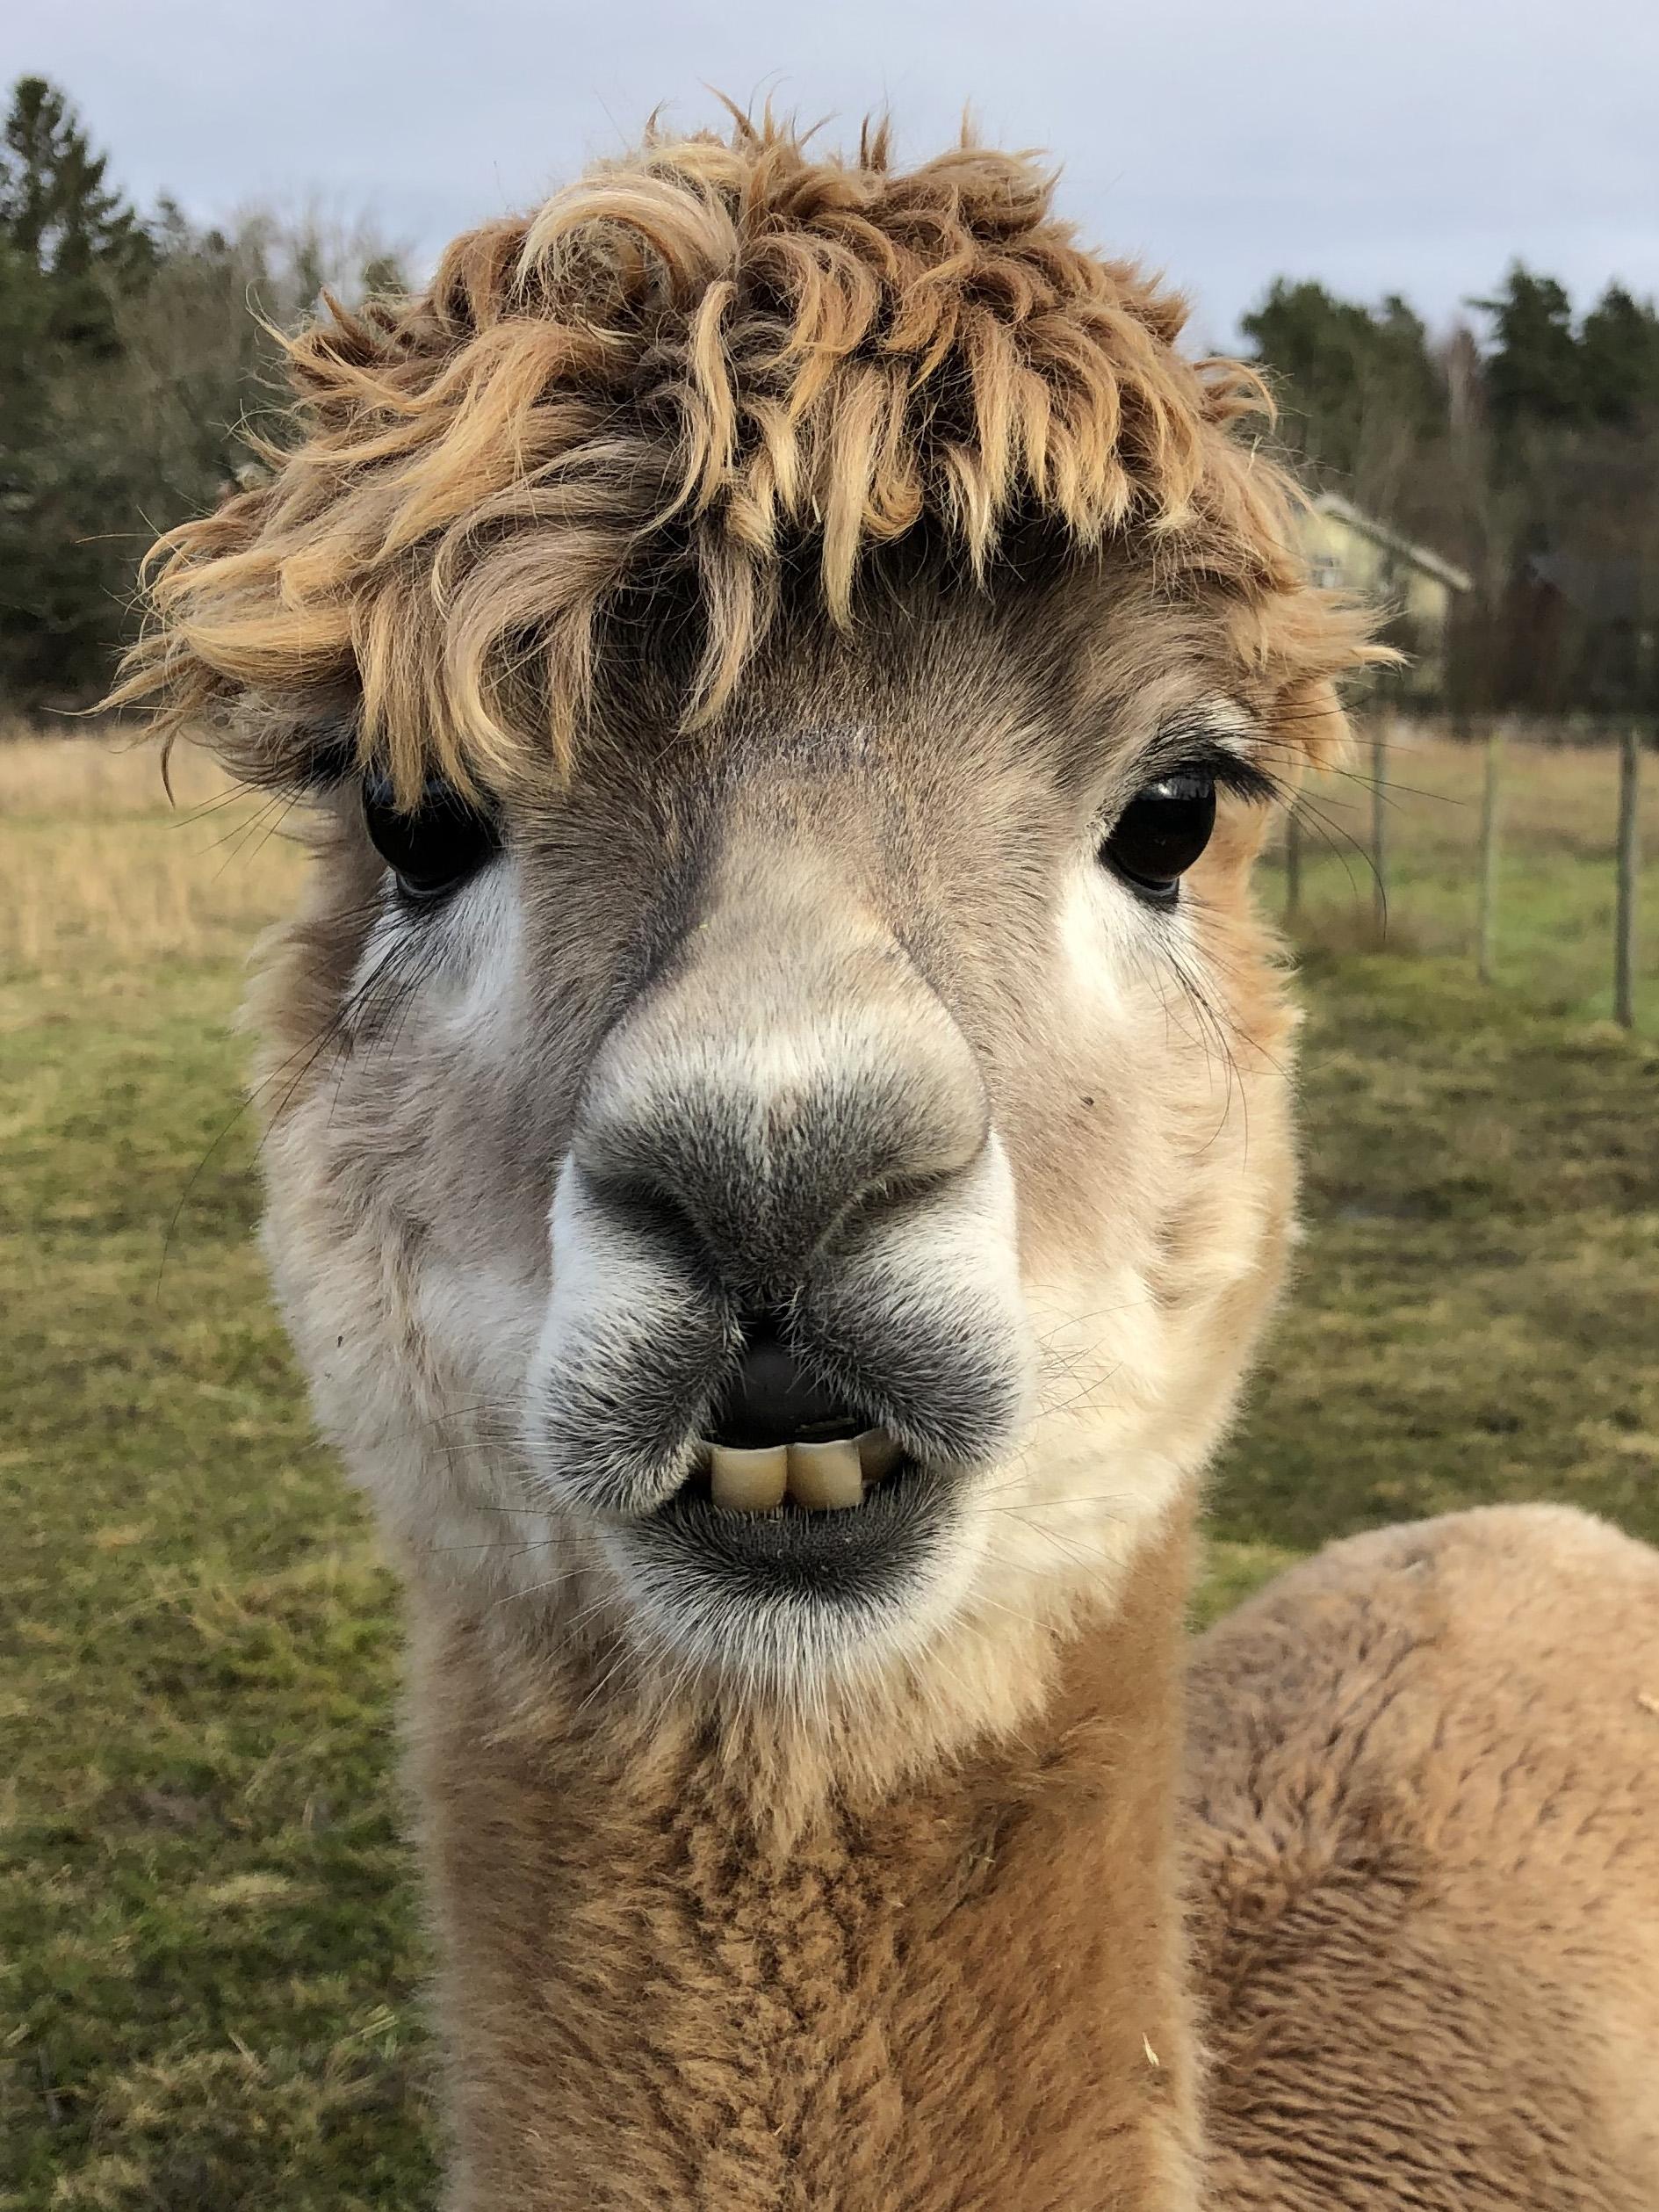 En huvudbild på en alpacka som tittar med vänliga ögon in i kameran